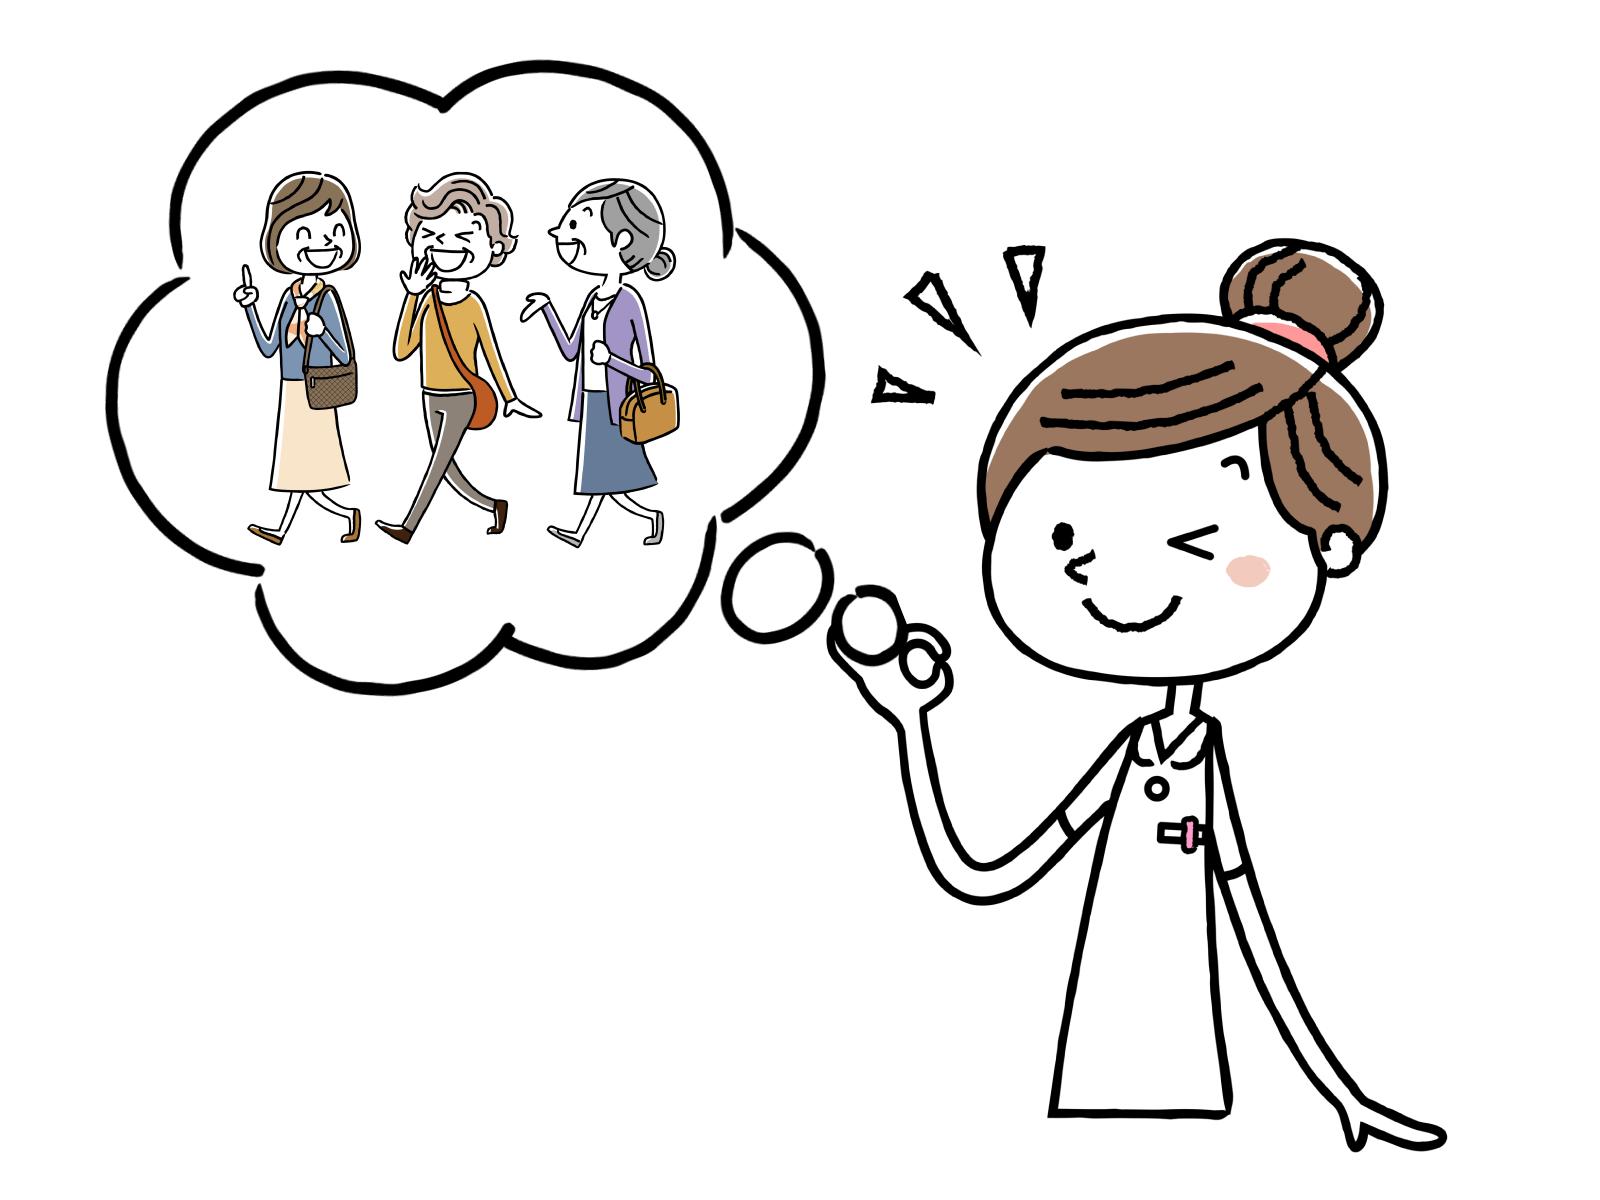 患者の心身の調子が良くなることのイメージイラスト